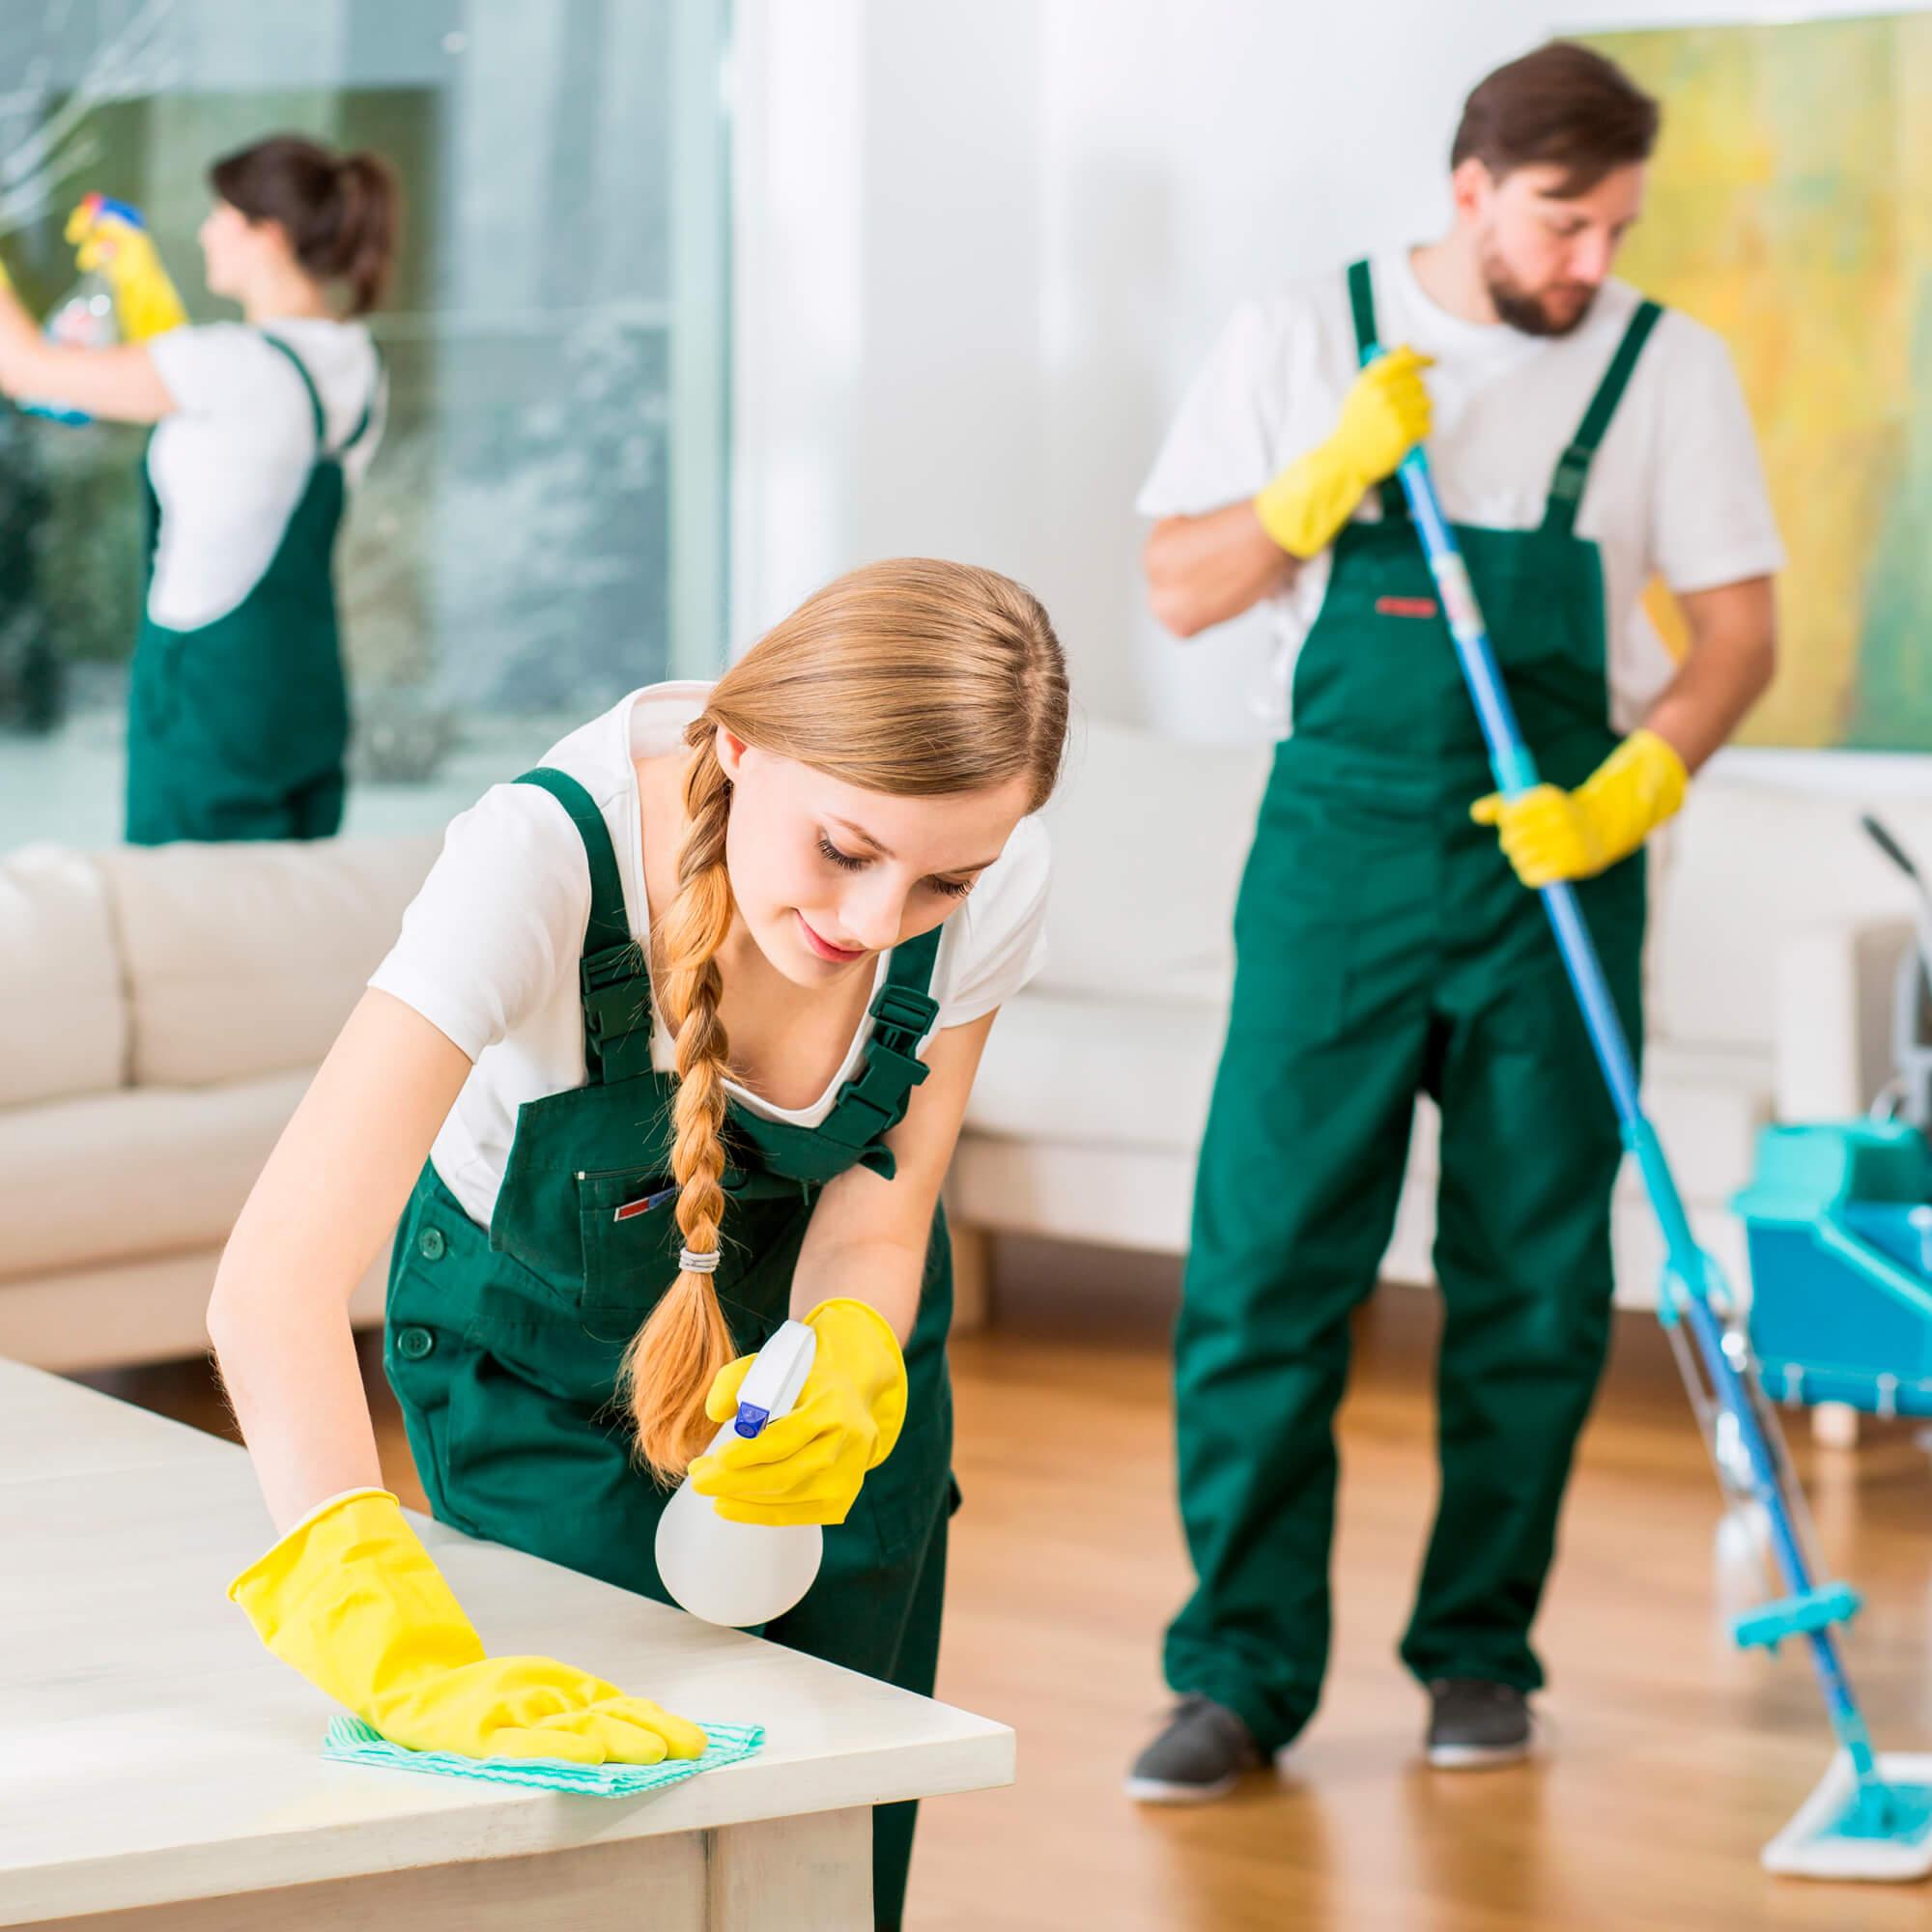 cp-limpieza-superficie-mobiliario